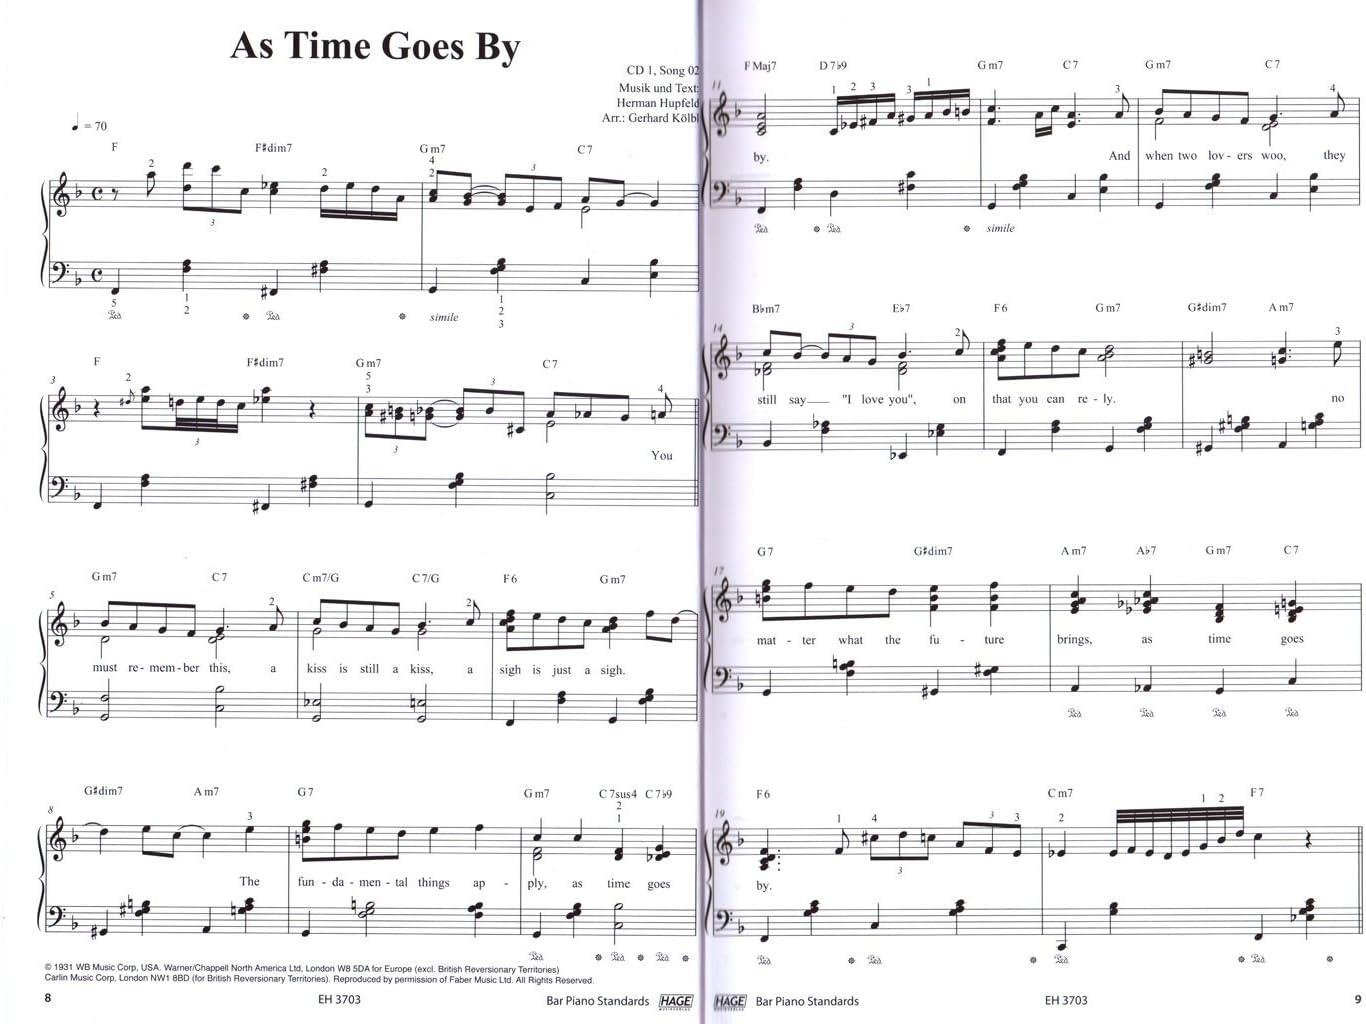 Bar Piano normes – 40 Chansons Pour Piano – Note livre de Gerhard ...